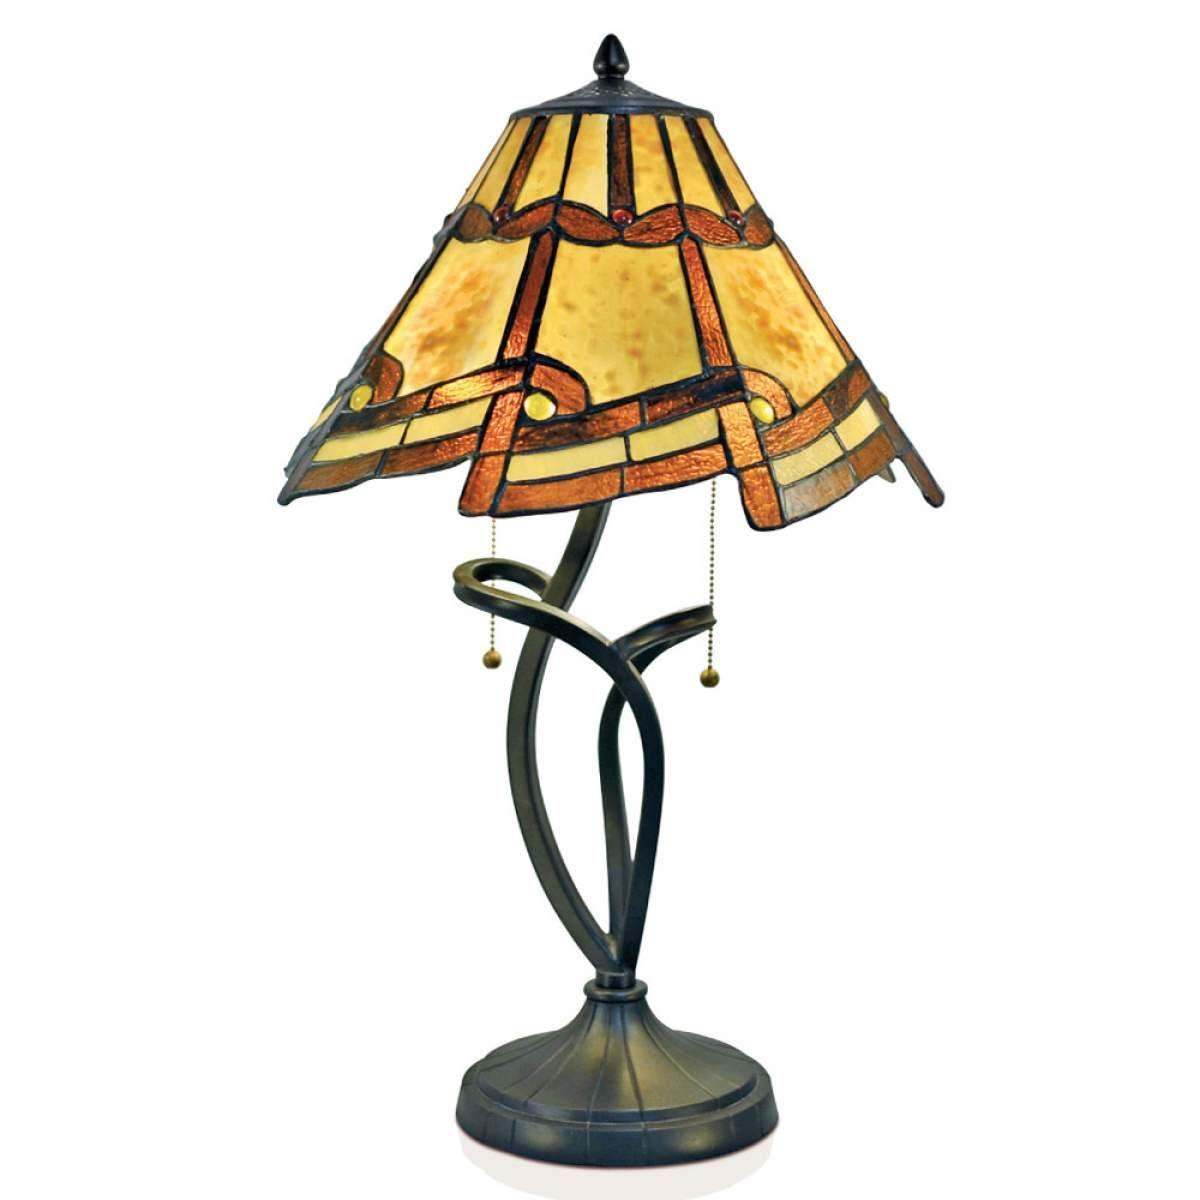 Italienische Tischleuchten Led Lampen Kaufen Munchen Tischlampe Led Modern Led Touch Nachttischlampe Tischlampe Tischleuchte Lampen Kaufen Lampentisch